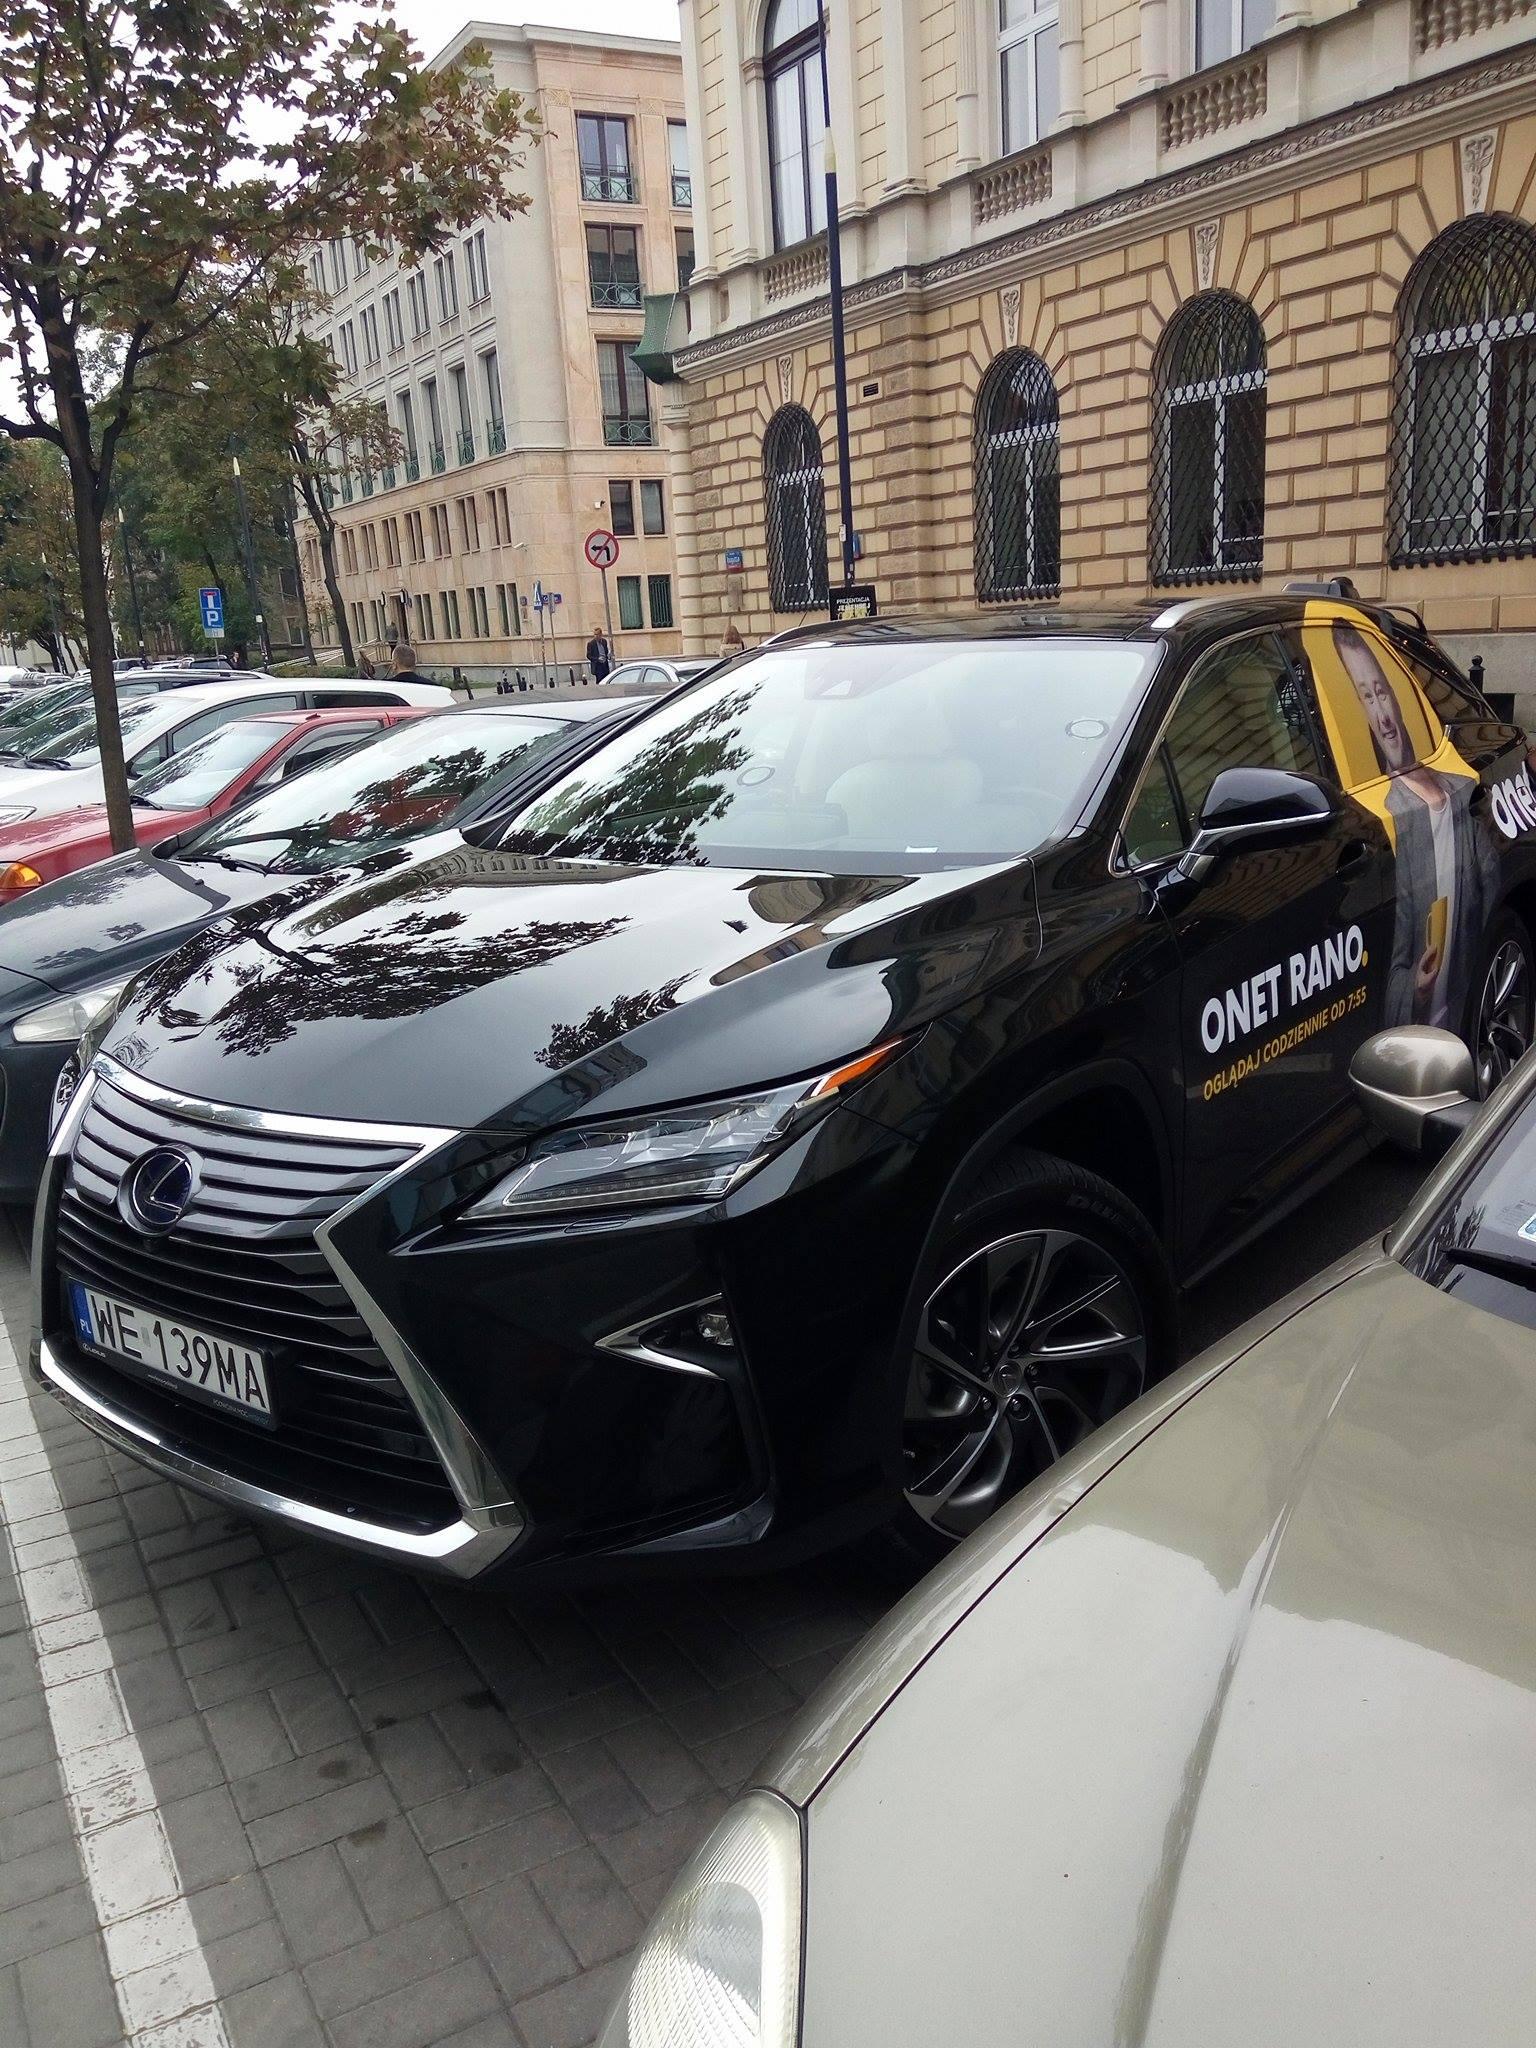 Z tego samochodu nadawane będzie poranne pasmo Onetu. fot. J. Dąbrowska